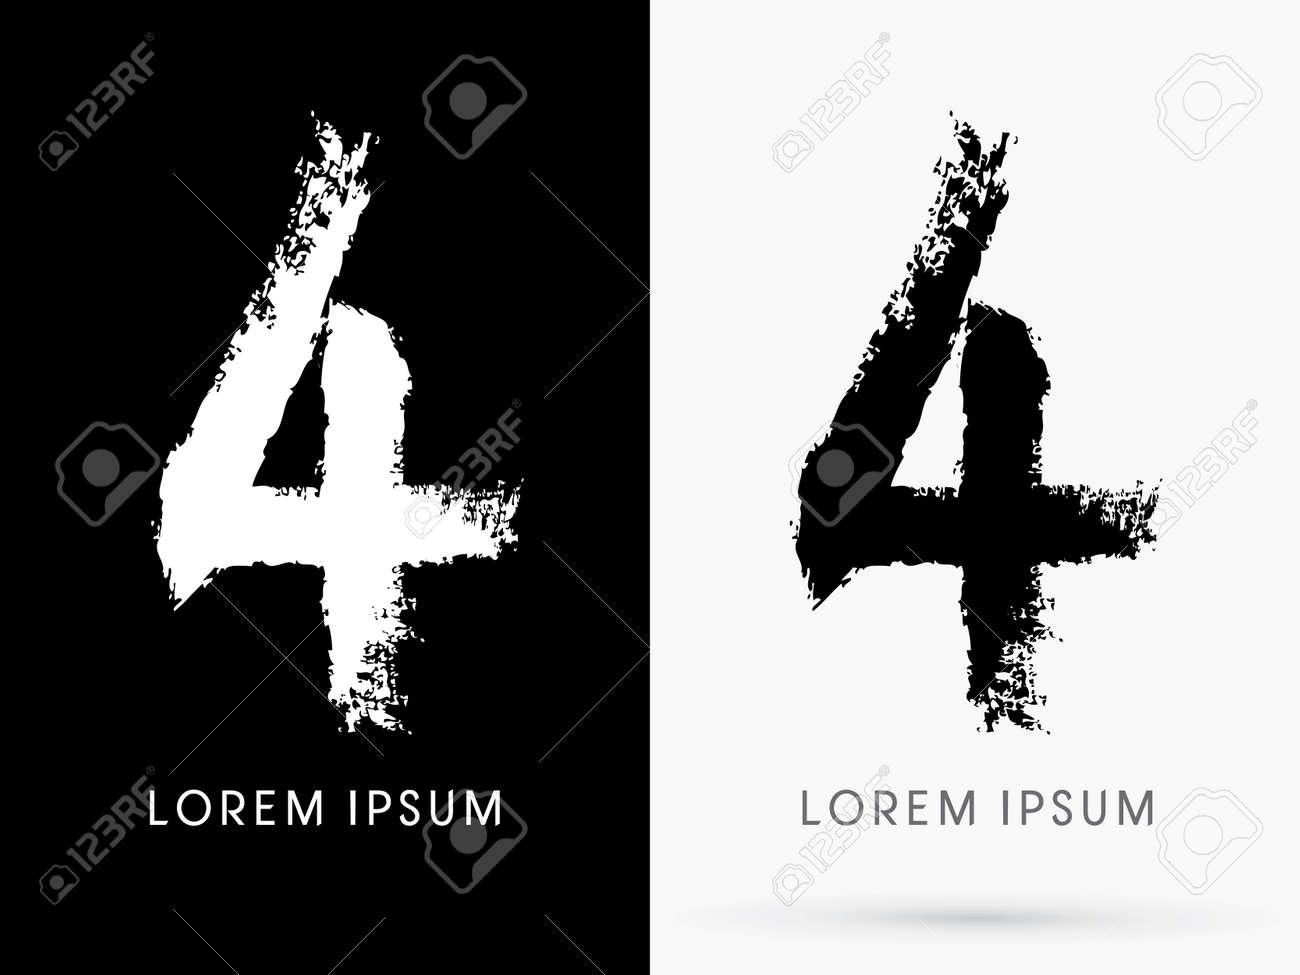 4 Number Grunge Brush Freestyle Font Designed Using Black And White Handwriting Line Shape Logo Symbol